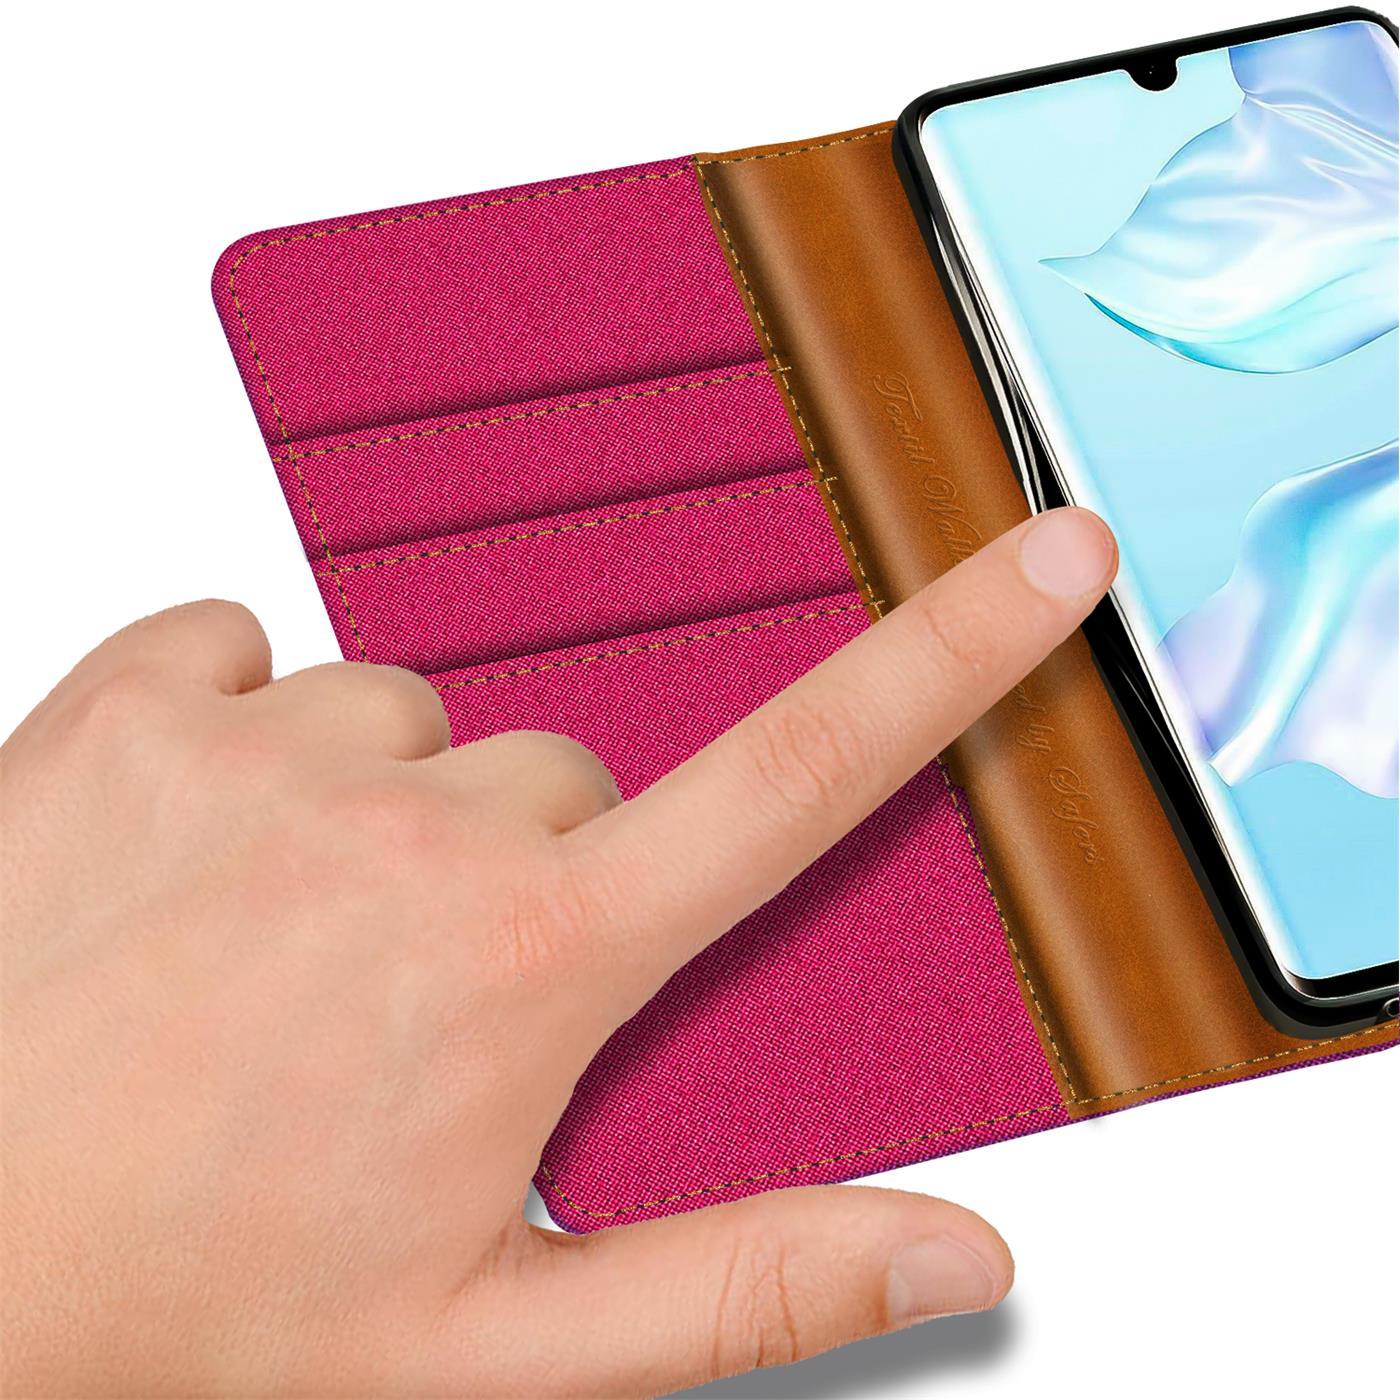 Schutzhuelle-Handy-Huelle-Flip-Case-Klapp-Tasche-Book-Case-Cover-Handyhuelle-Etui Indexbild 33